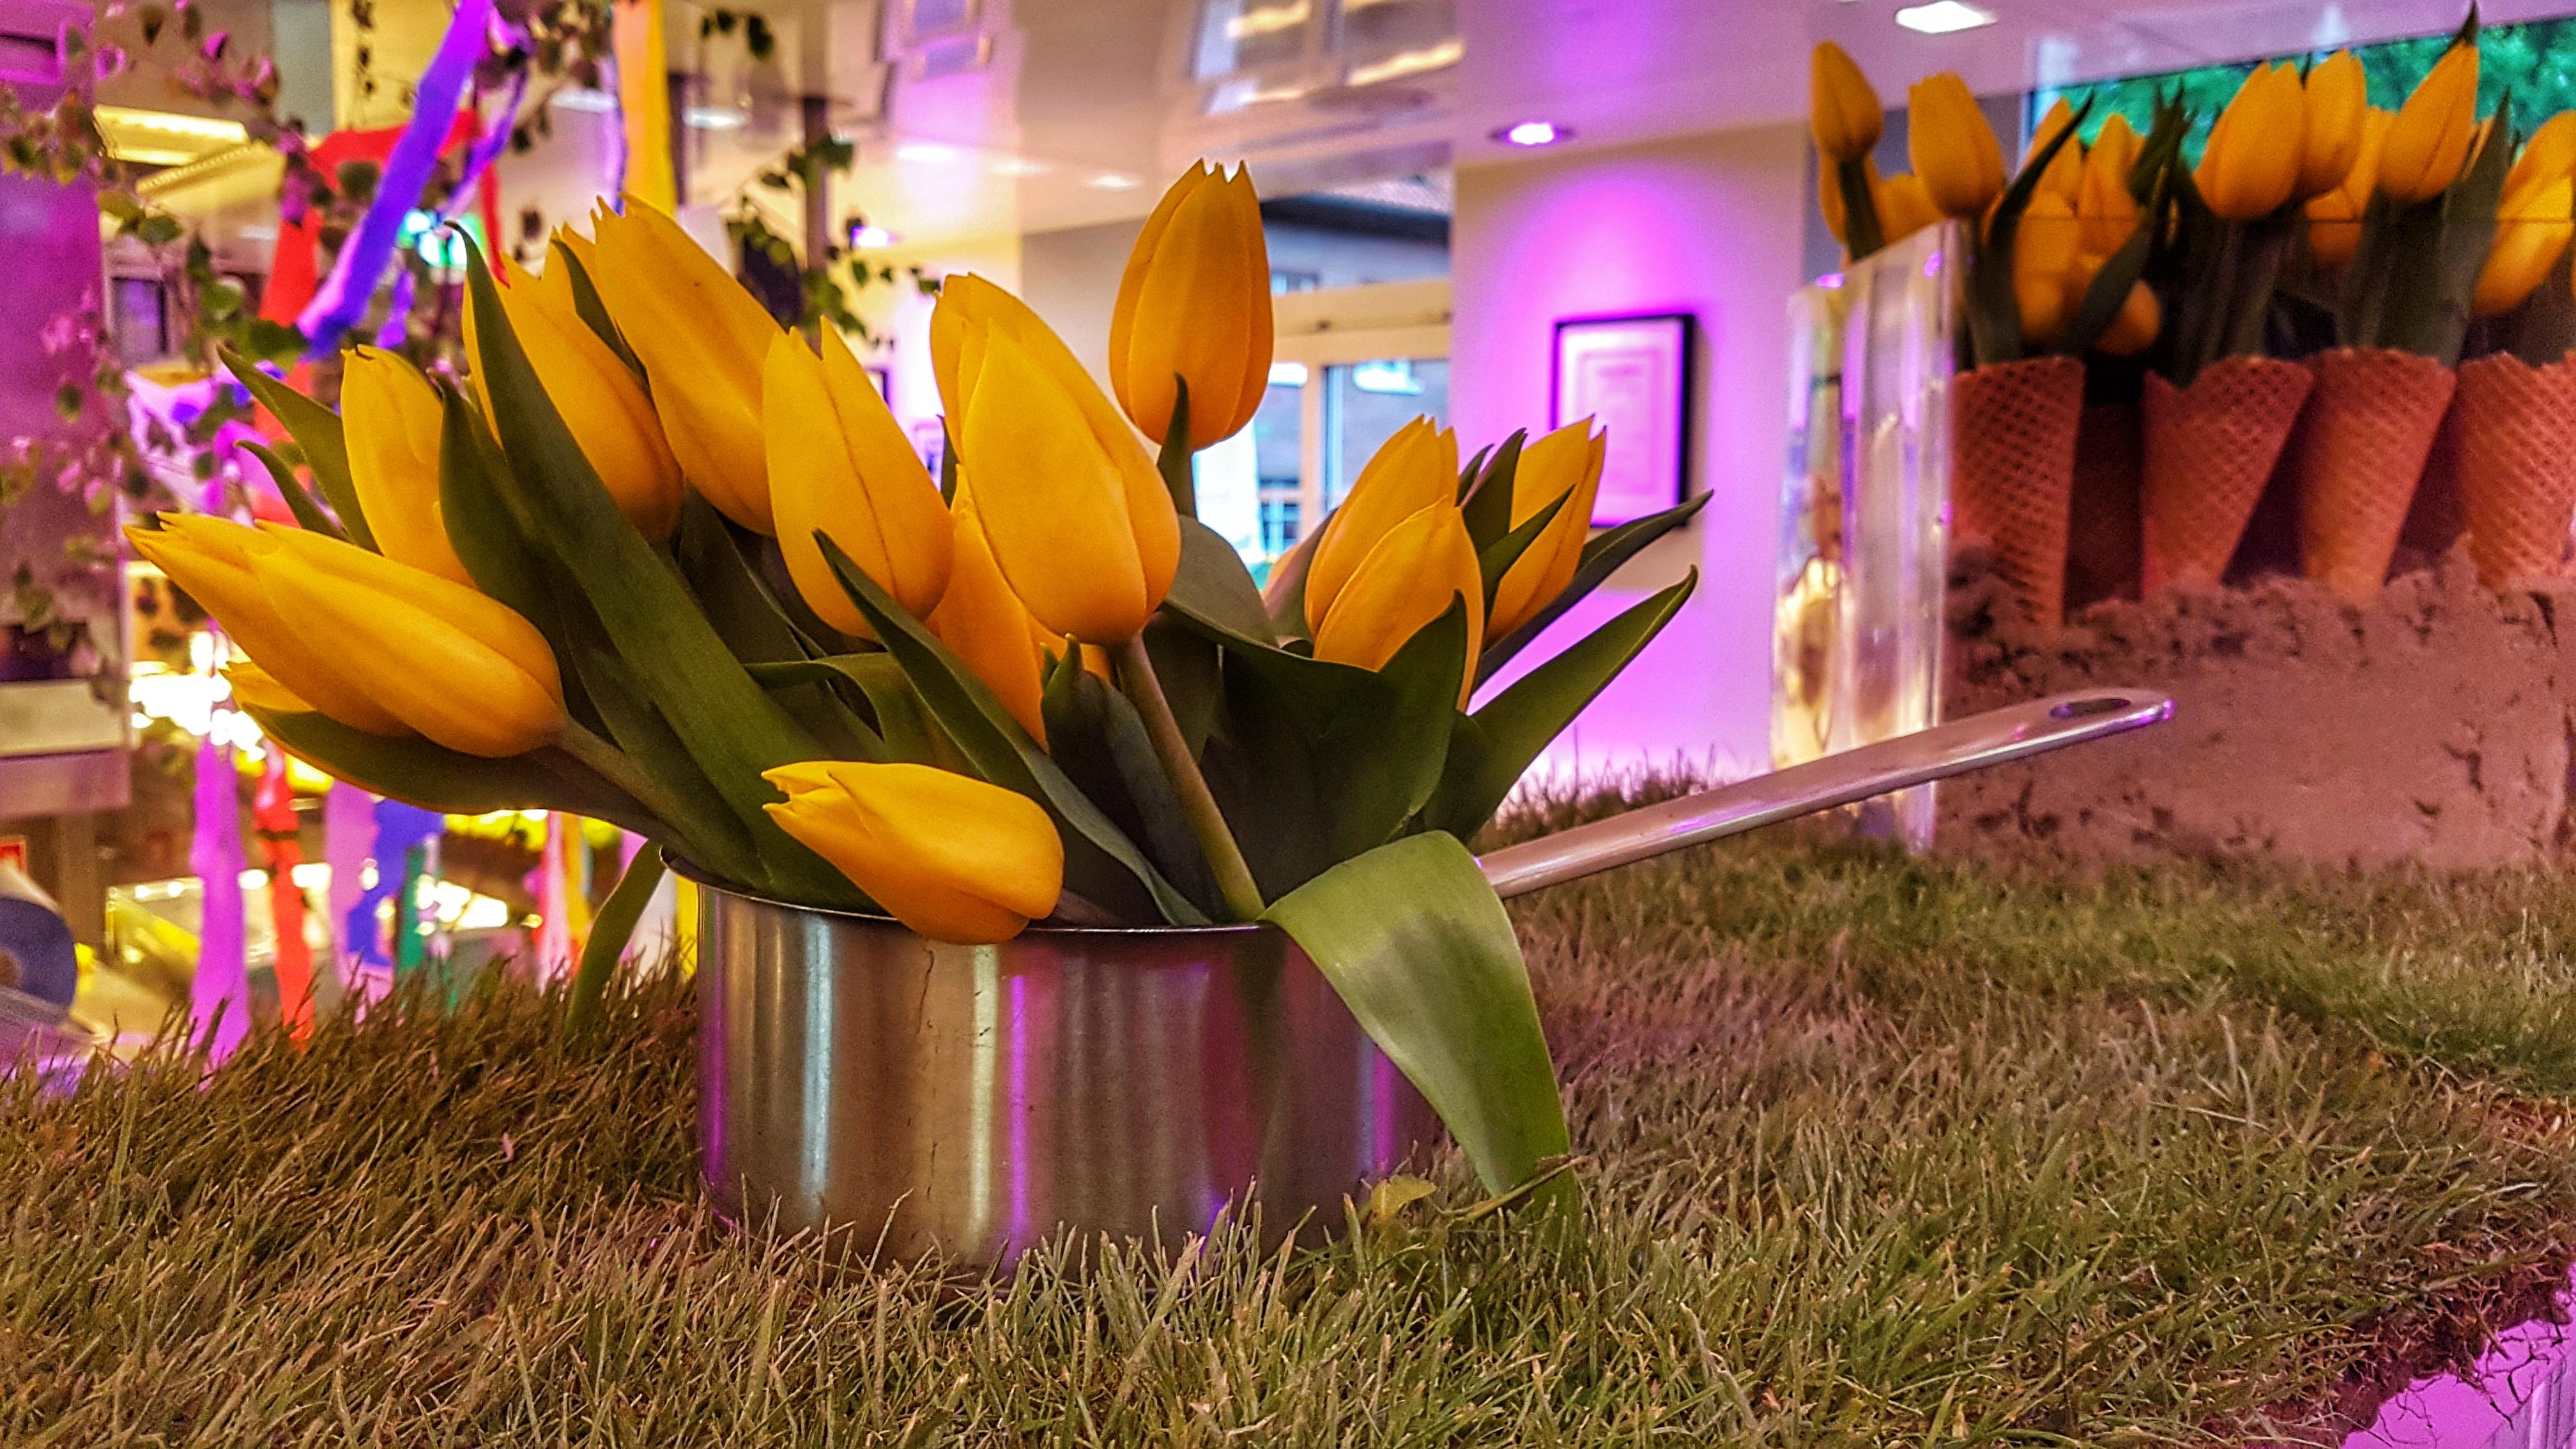 Fein Dekoration Für Küchenparty Galerie - Küchen Design Ideen ...